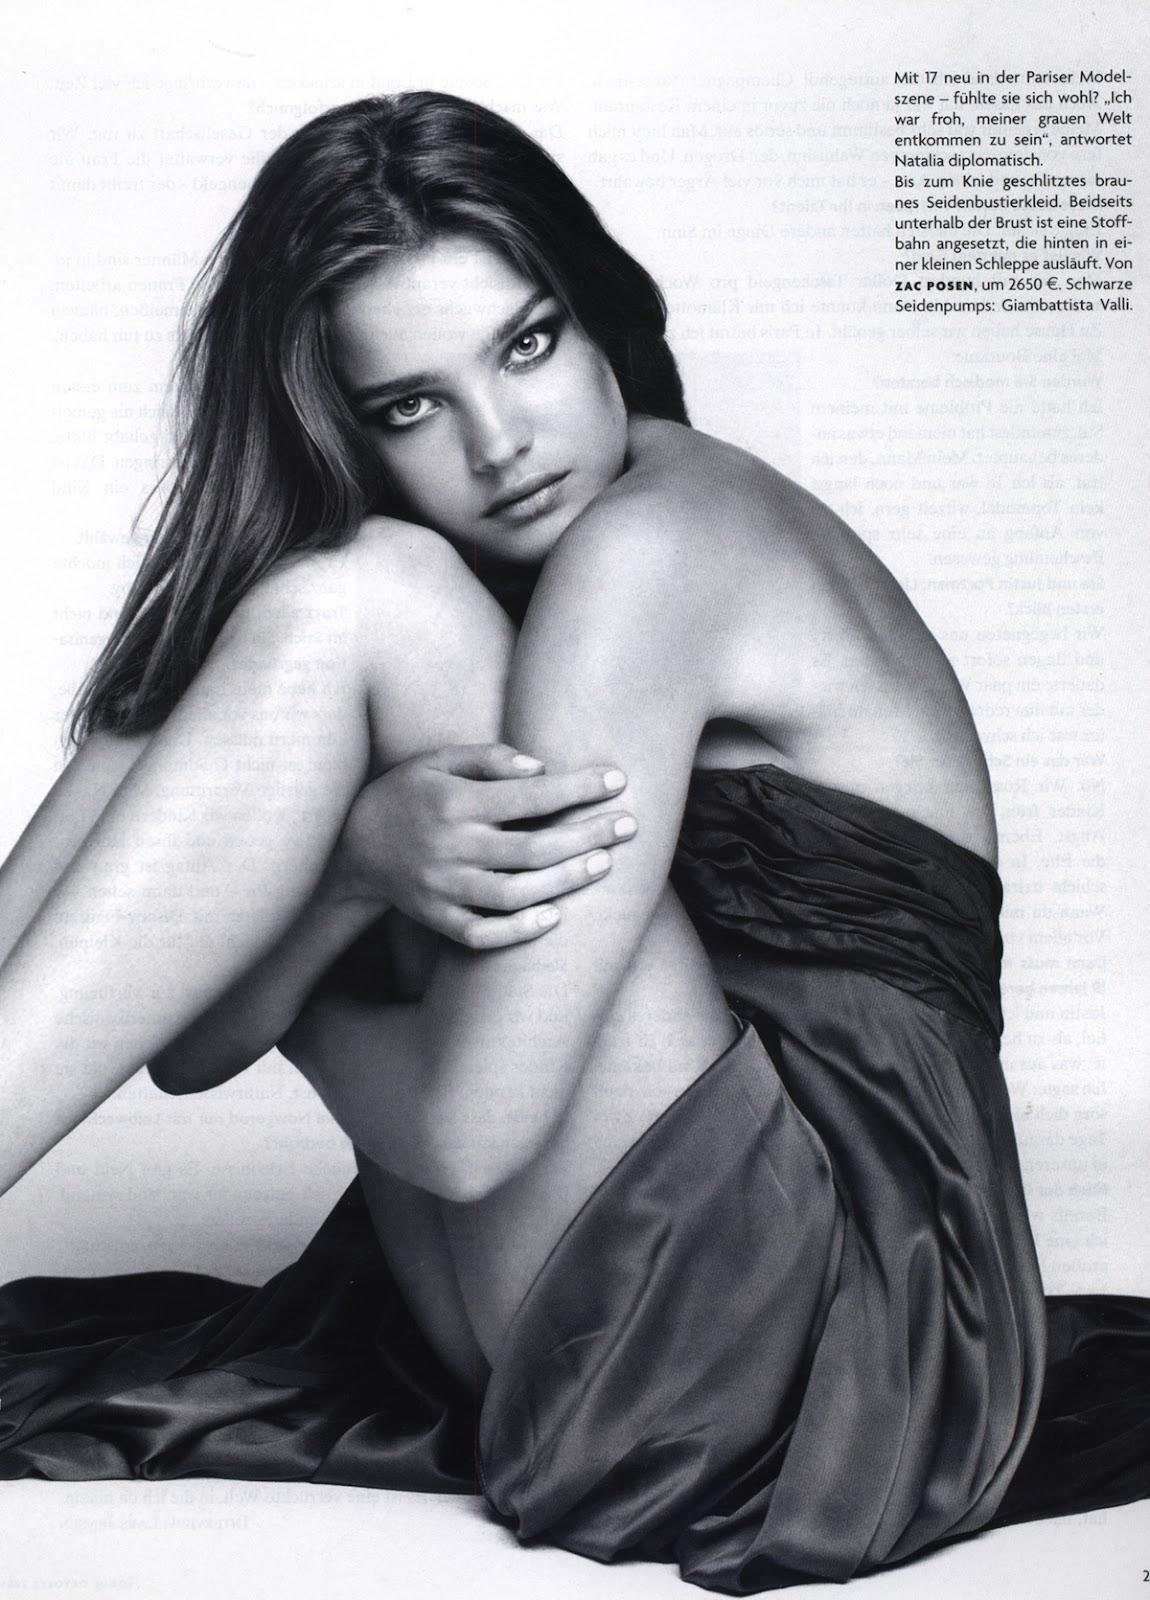 http://2.bp.blogspot.com/-xNfbSIJB4x0/T1qXtaGm-bI/AAAAAAAAEHs/WnT8R4ynyvA/s1600/Natalia+Vodianova+%28133%29.jpg